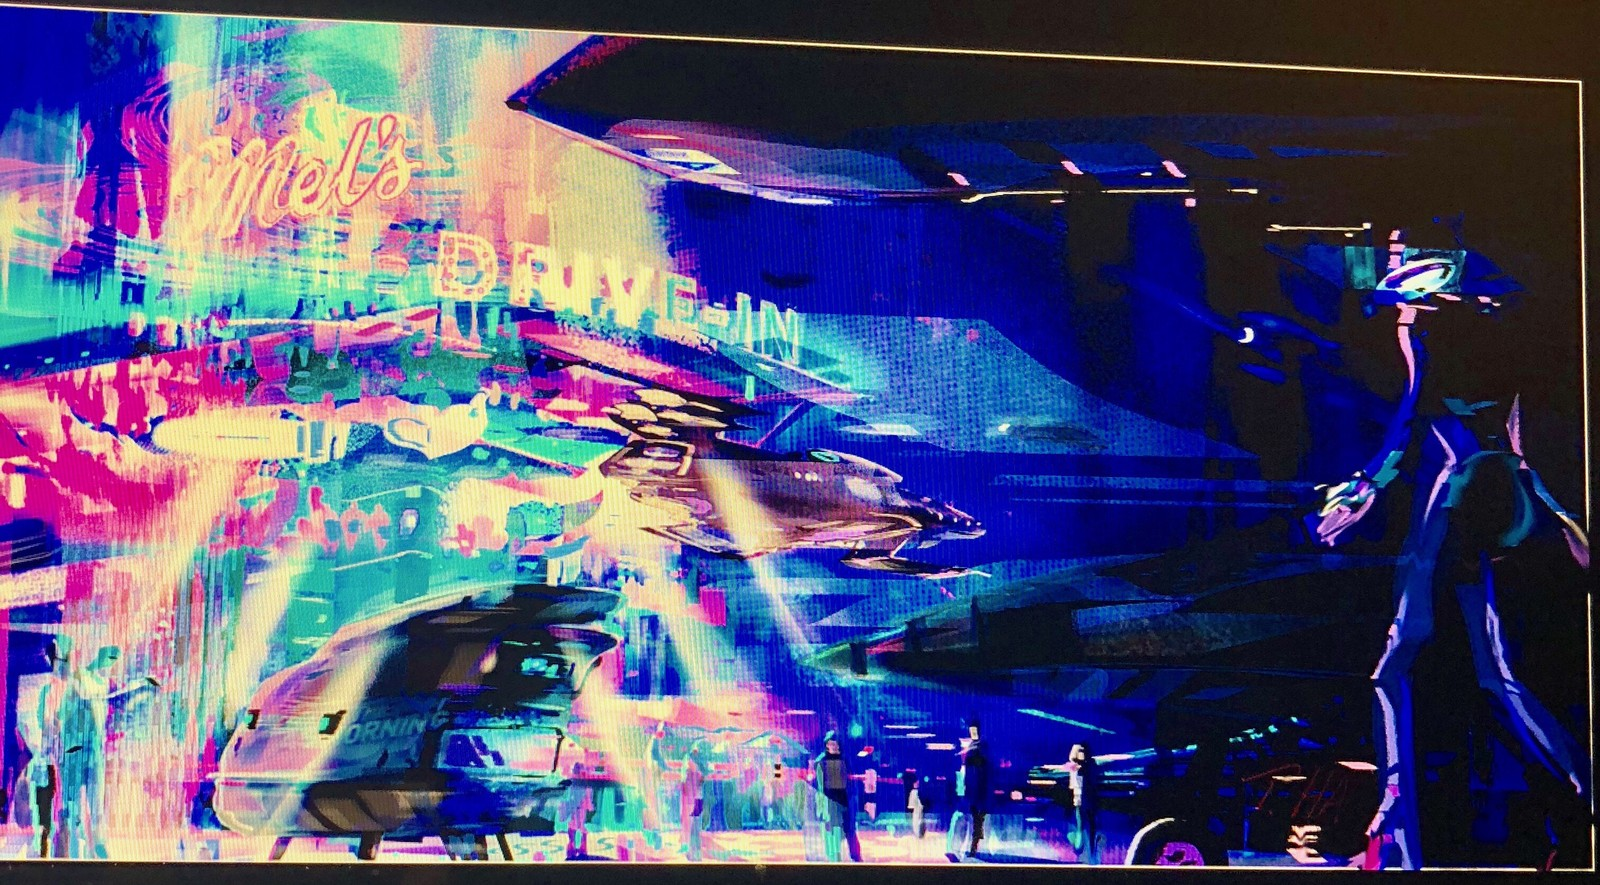 Mel's Drive-In. Digital sketch.  Kinda Retro Sci Fi.